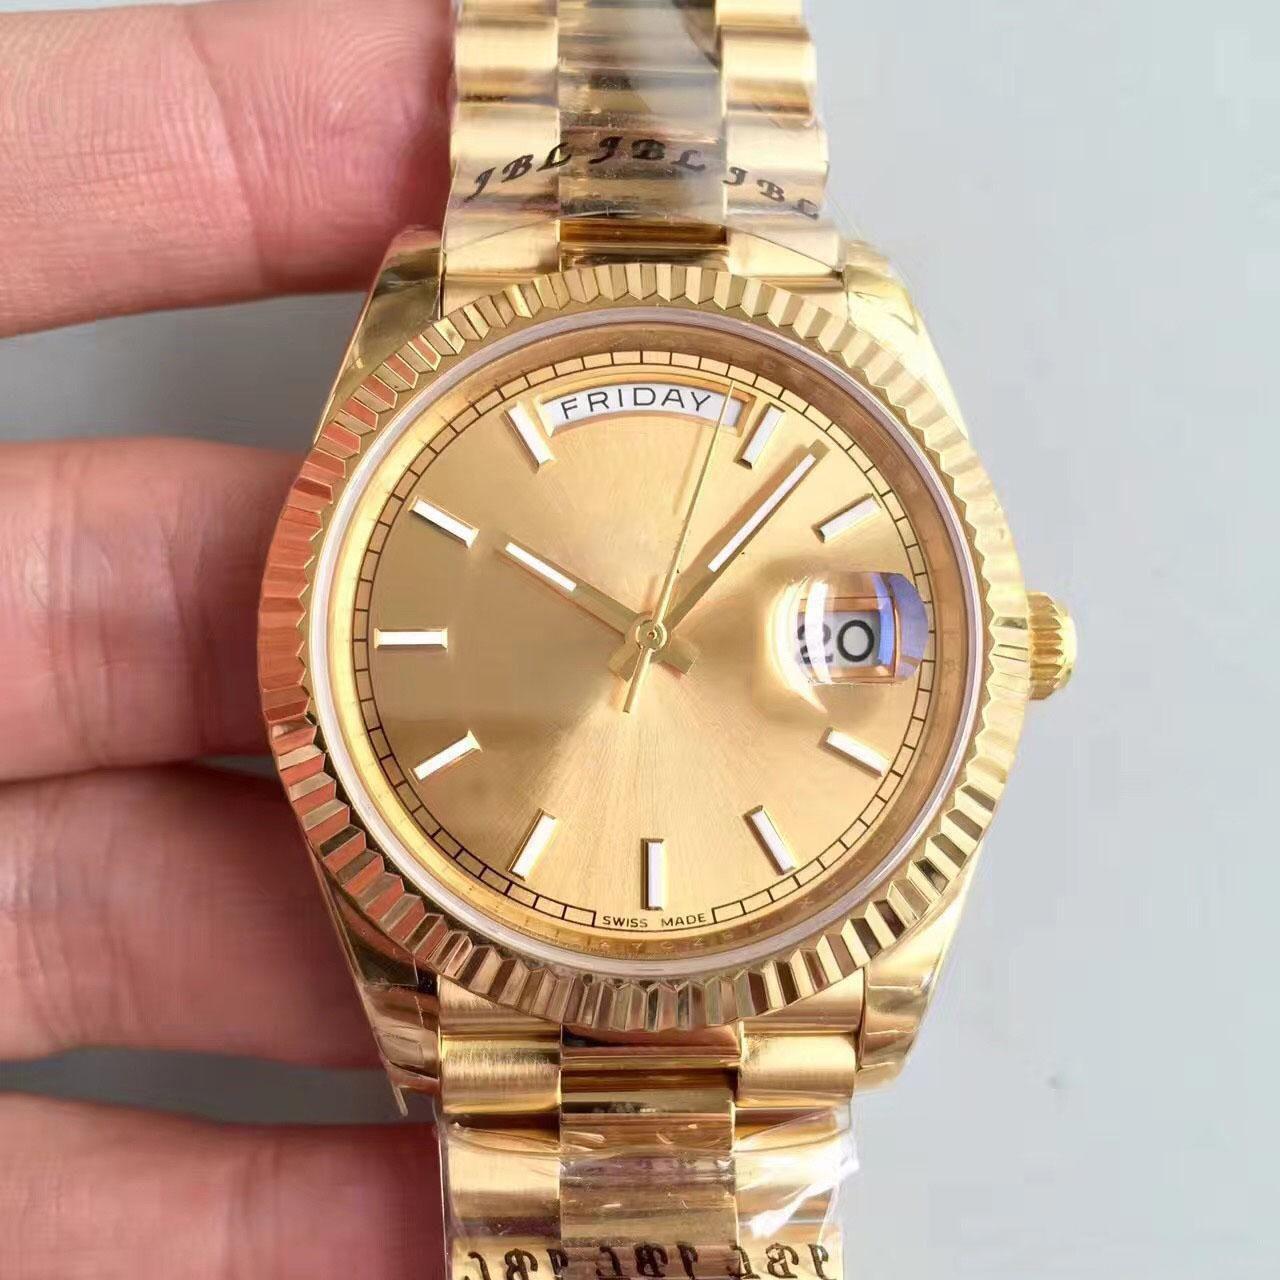 Venda quente dos homens Relógio Do Esporte 18 K Série DAYDATE Ouro Safira 40 MM de Ouro Dial 2813 de Aço Inoxidável Movimento Automático homens relógios